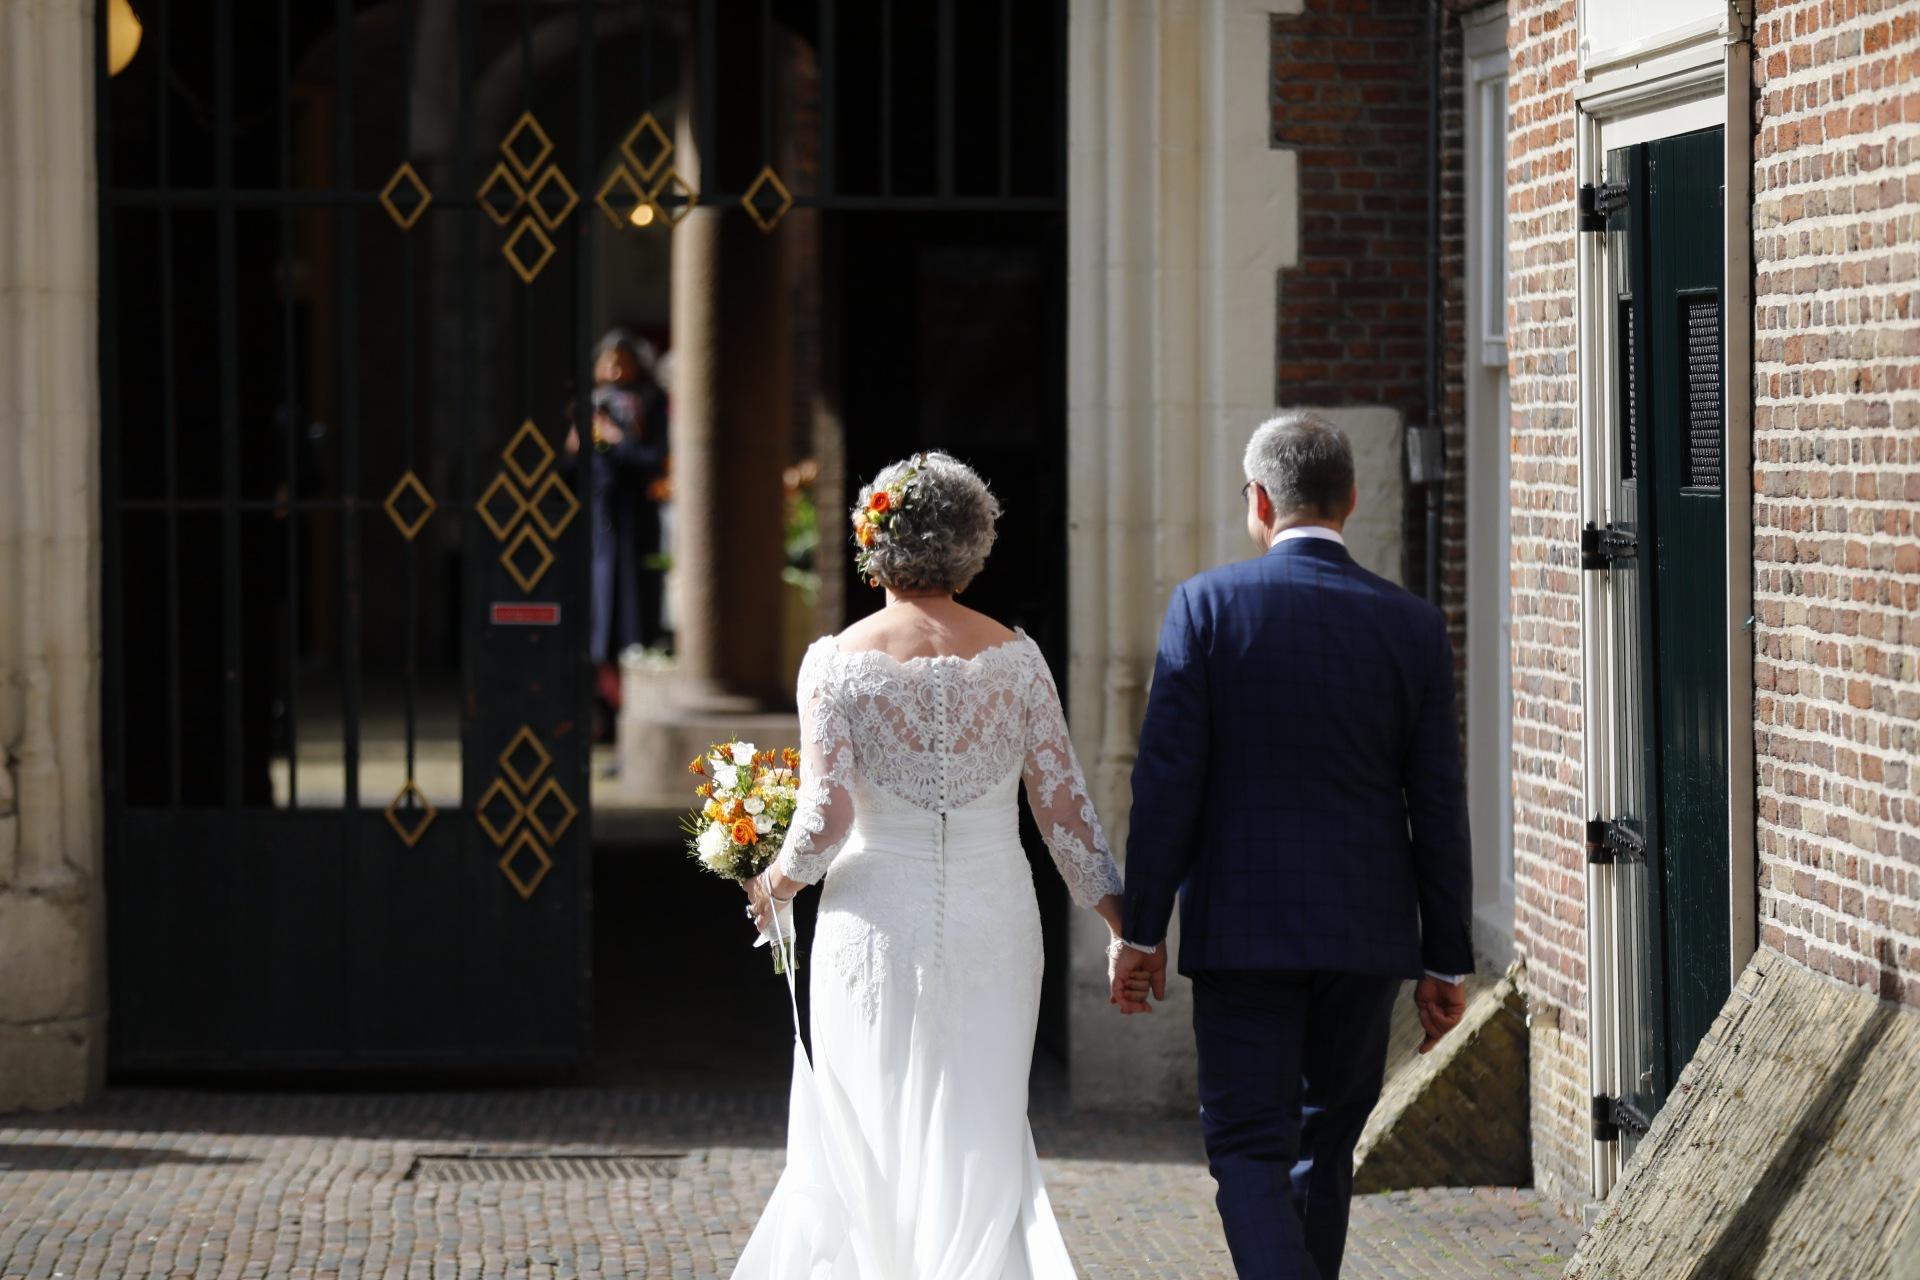 Burgemeester Jos Wienen en zijn geliefde Marian geven elkaar in Haarlem het 'jawoord'